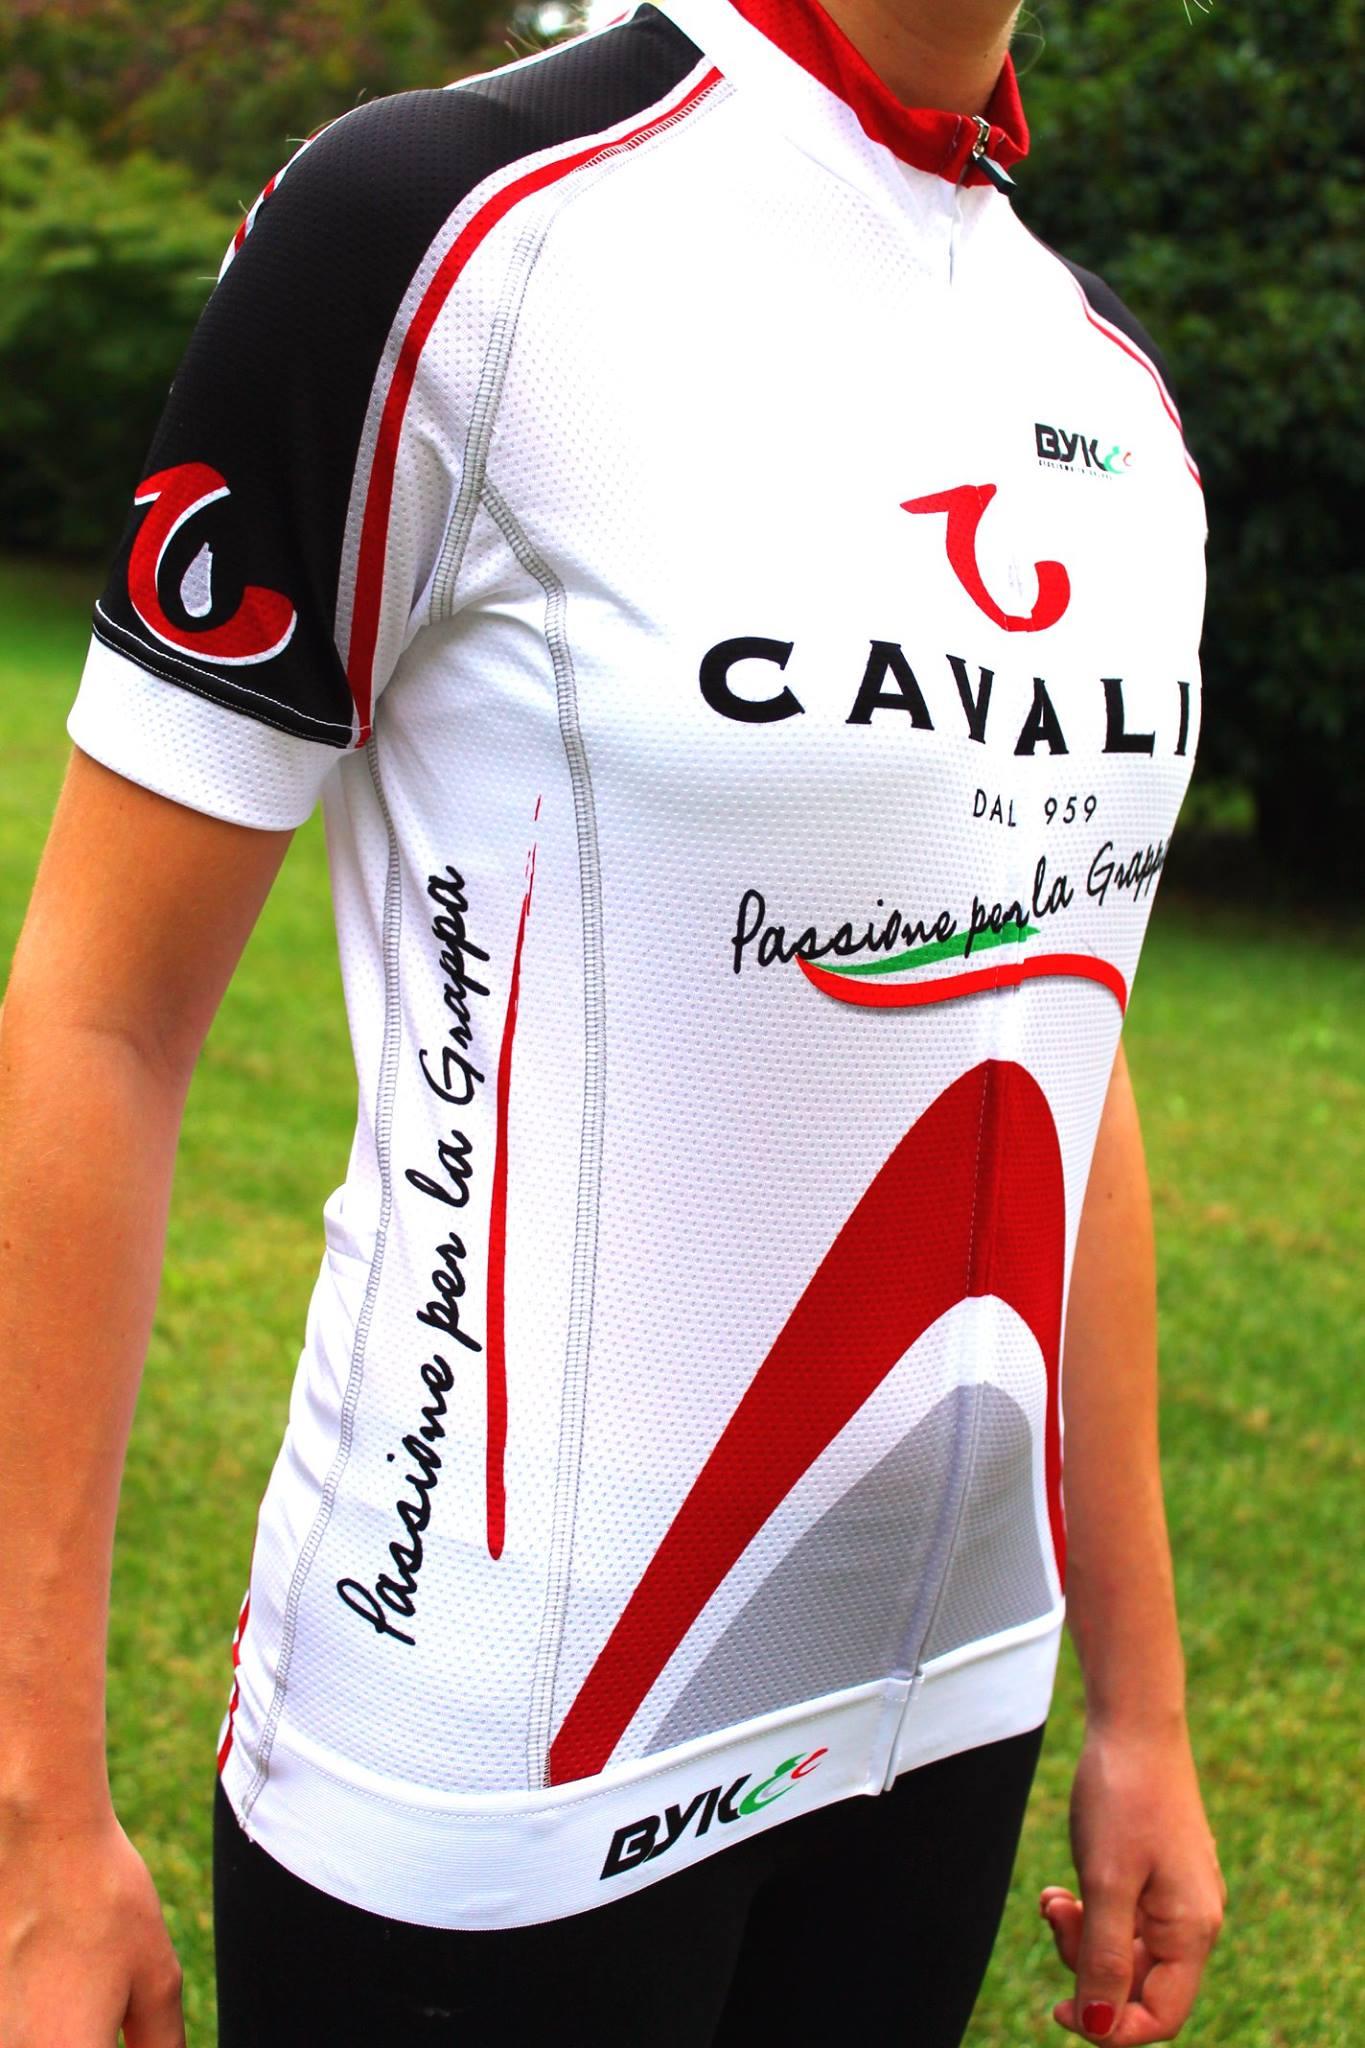 BikeTour Cavalin Bassano del Grappa – Roma